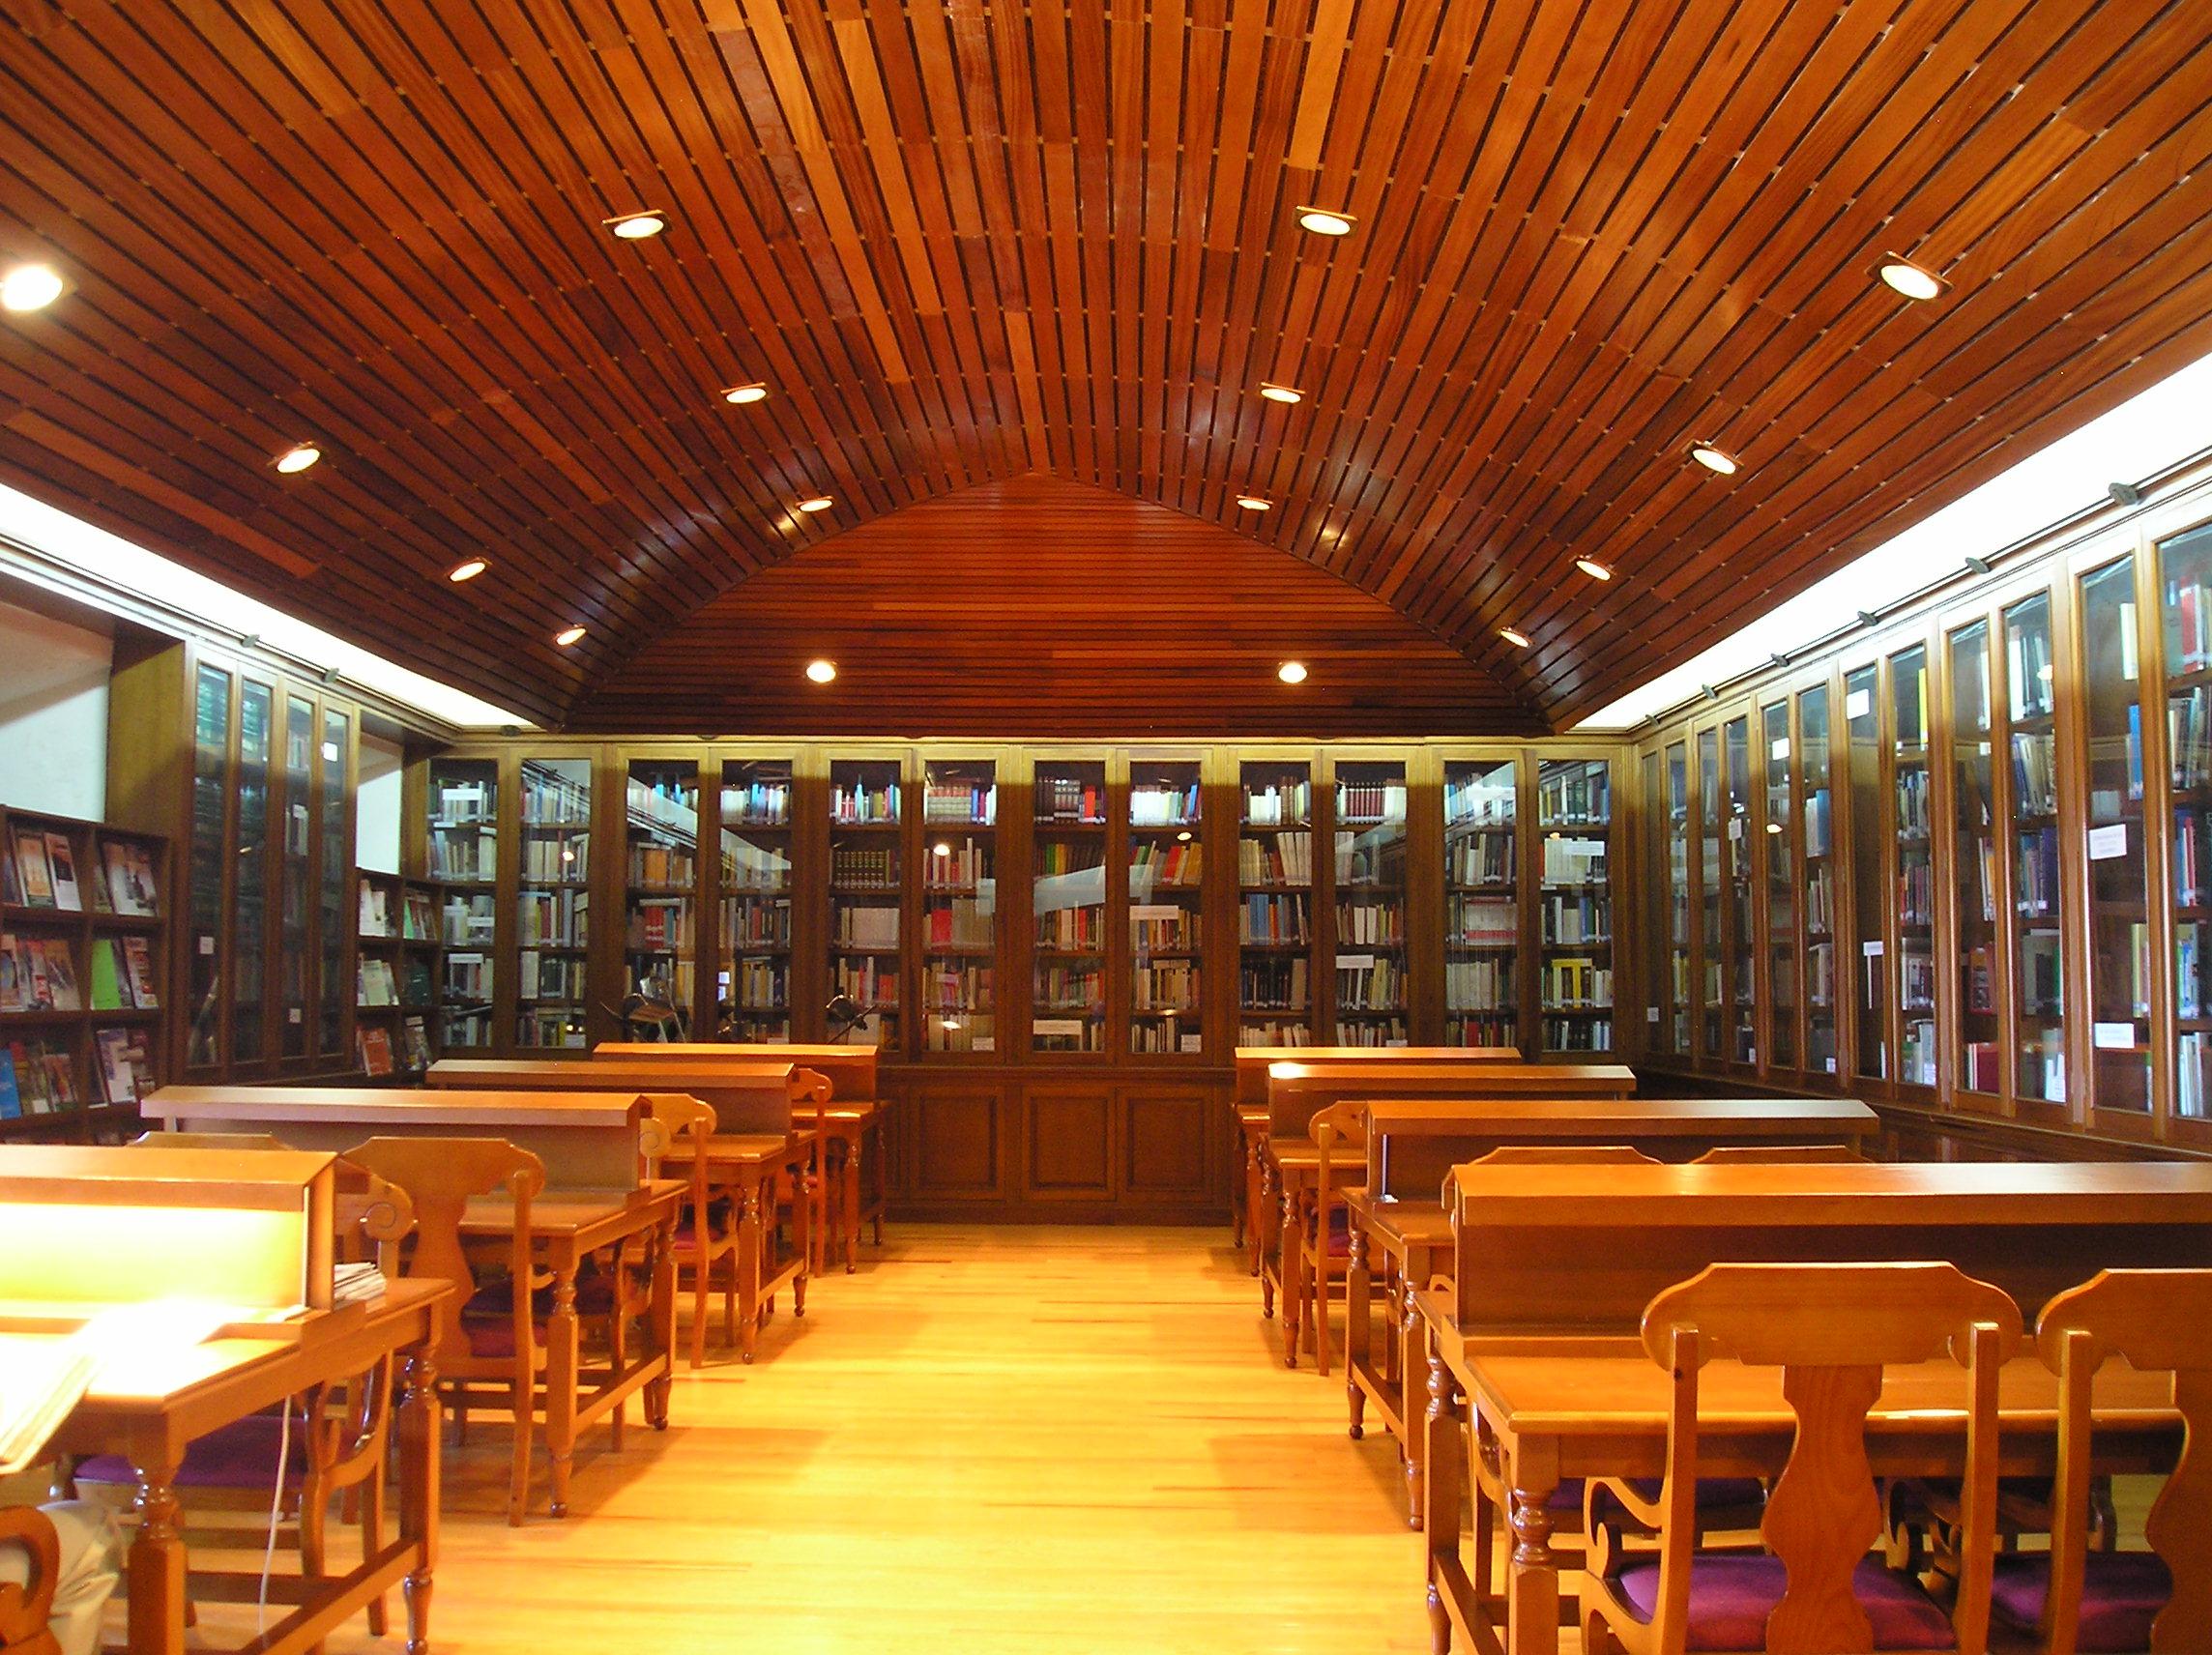 Sala de Lectura de la Biblioteca de la Academia de Artillería (Segovia) CC BY-SA 3.0 by Ministrillo vía Wikimedia Commons